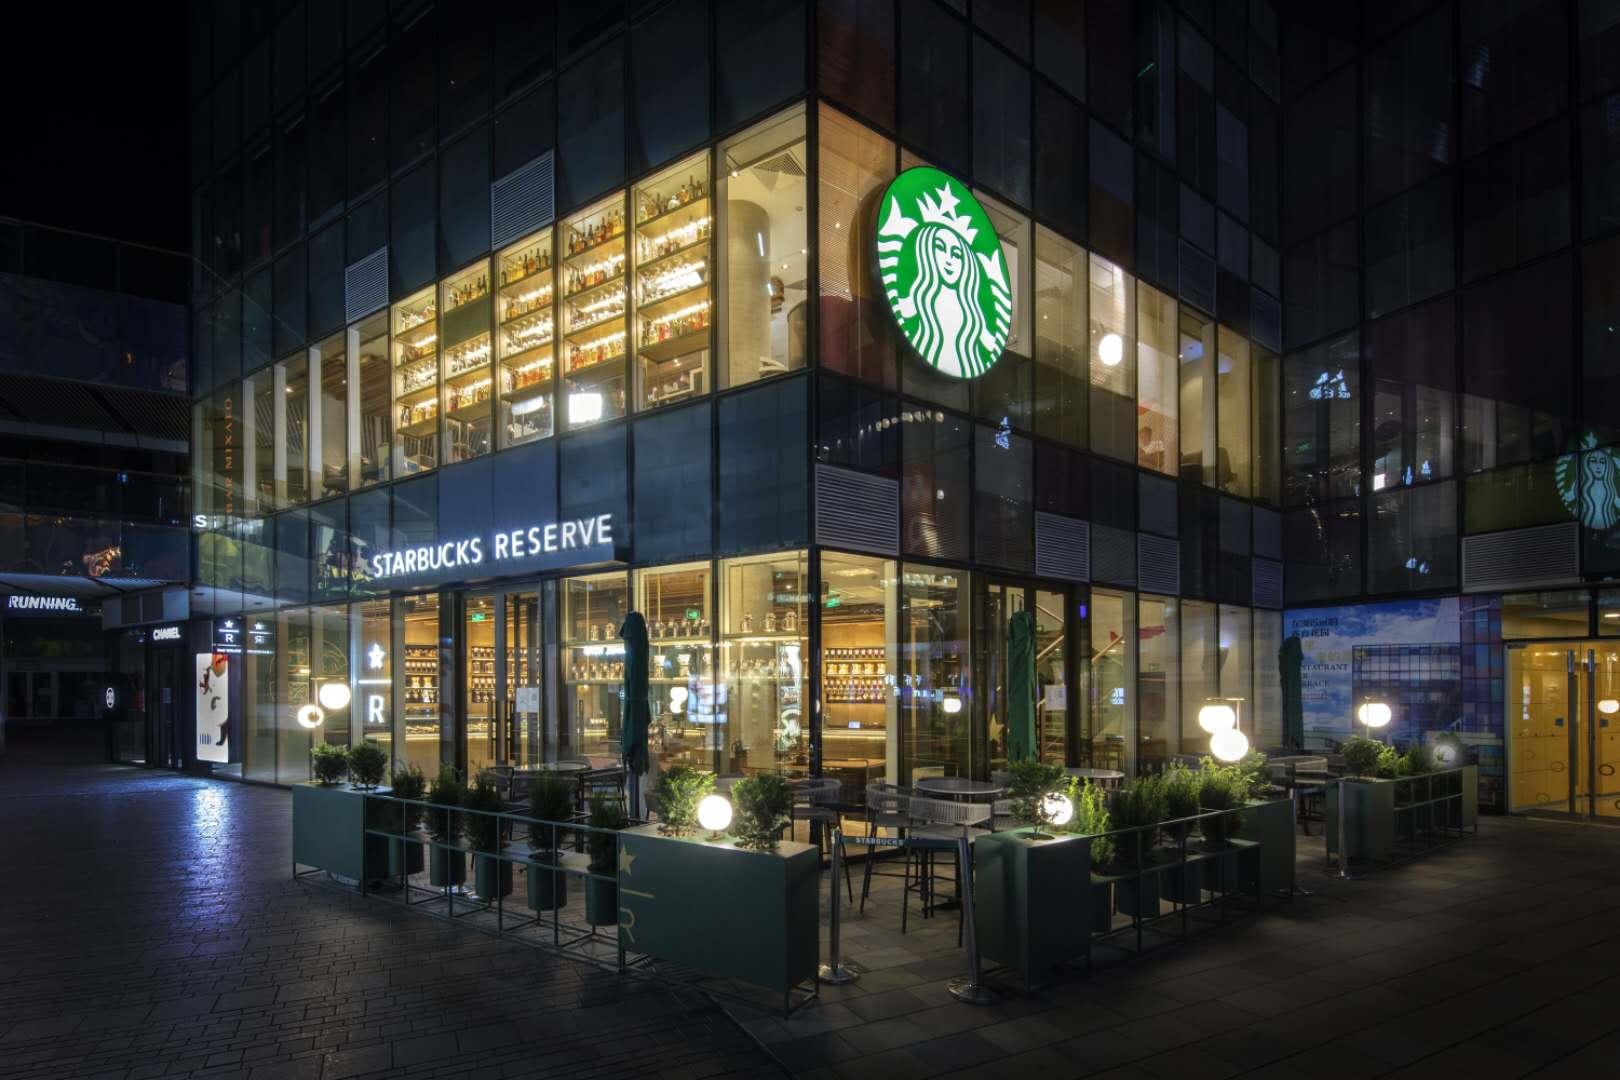 三里屯太古里旗舰店全新升级 星巴克:在中国长期发展战略从未动摇